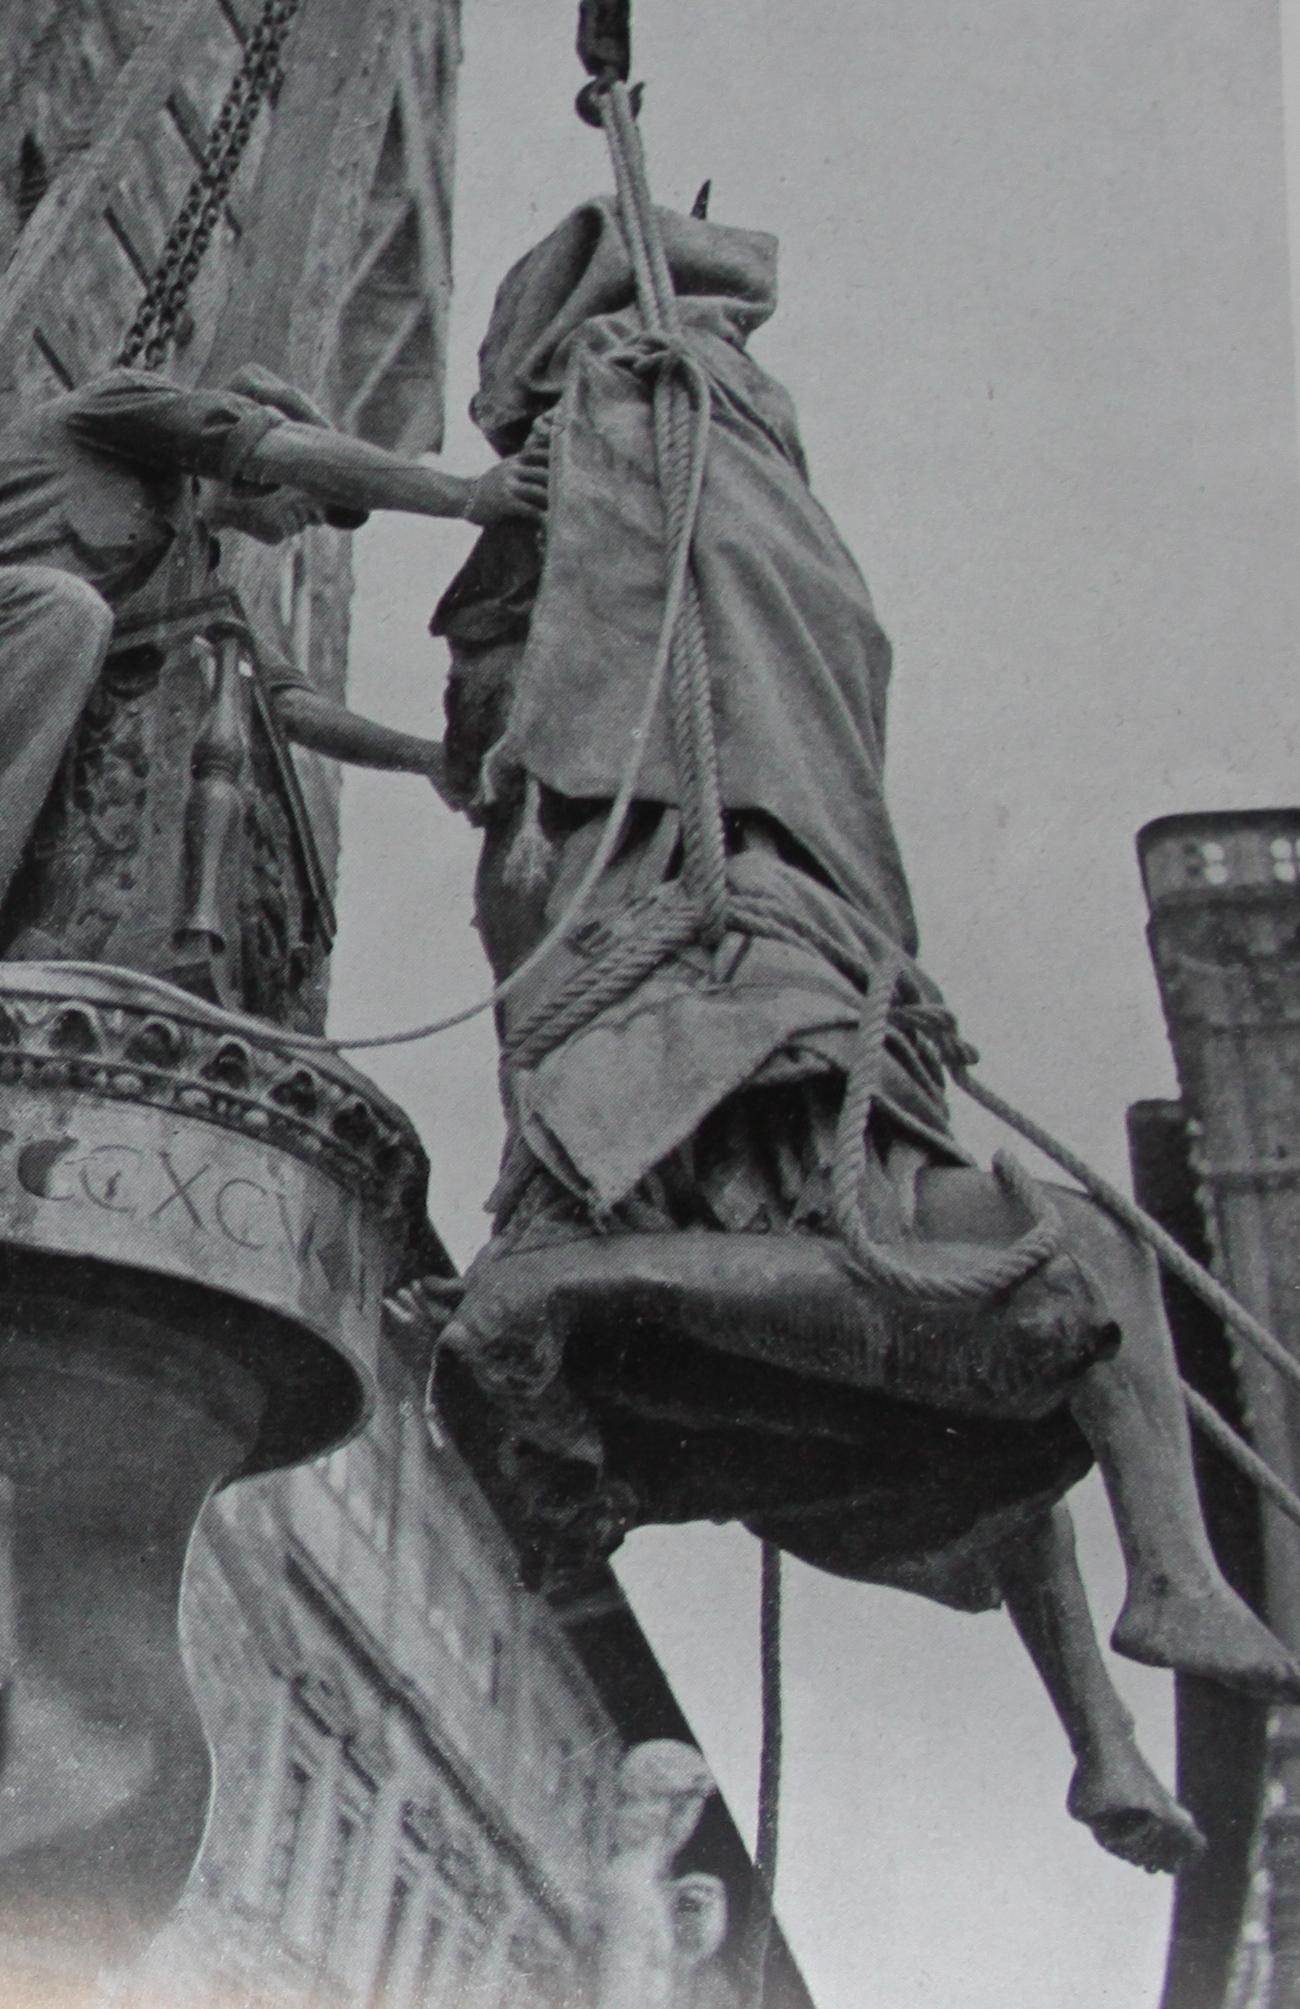 Piazza della Signoria. Particolari della rimozione della Giuditta di Donatello, da